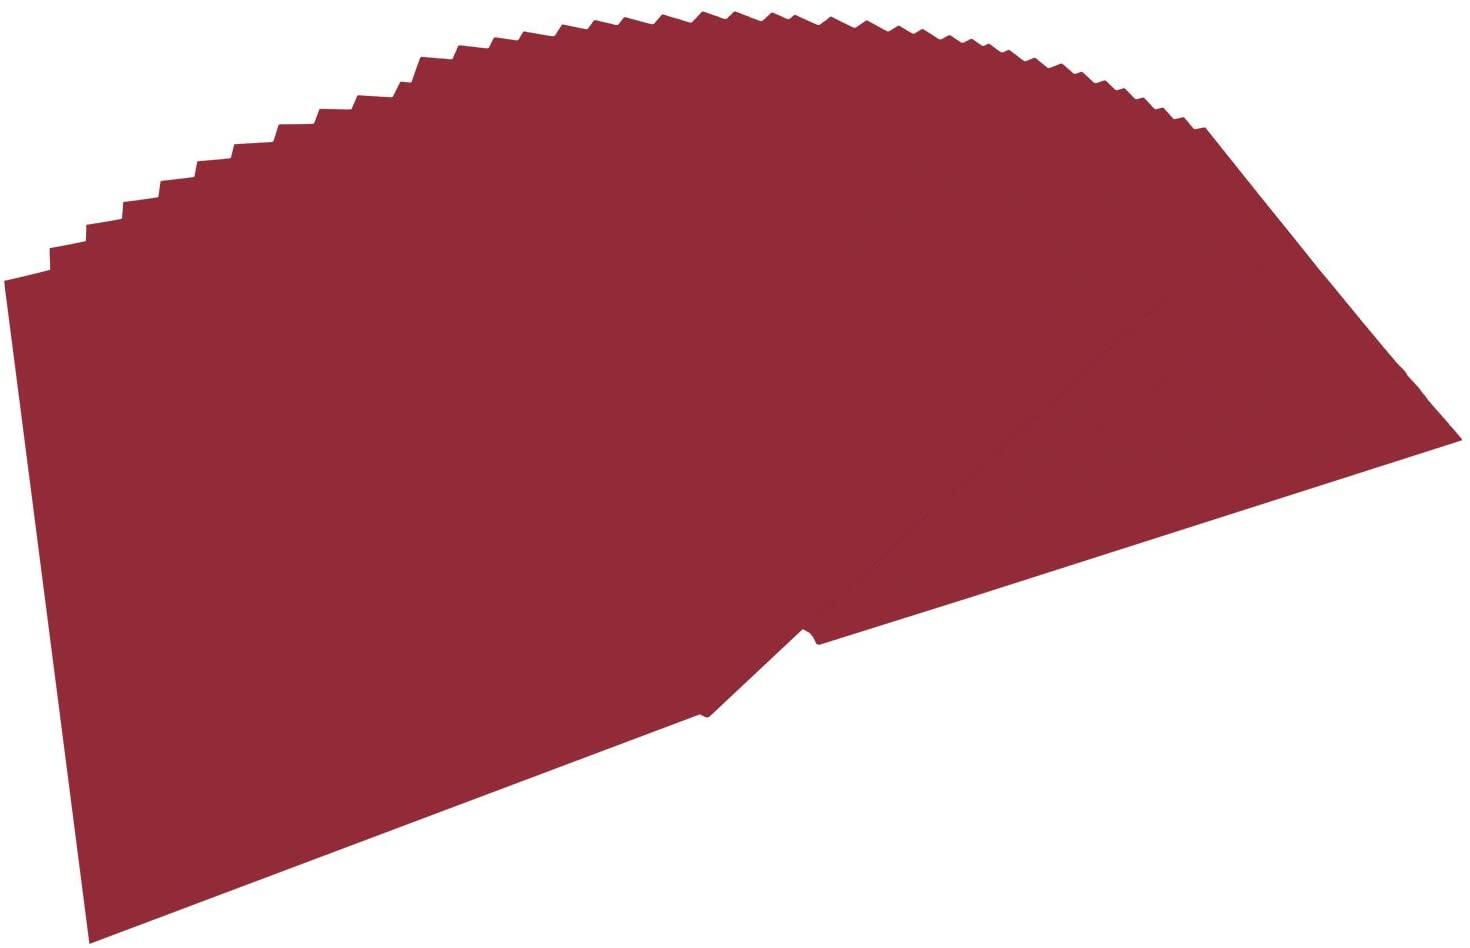 folia 6422 - Tonpapier dunkelrot, DIN A4, 130 g/qm, 100 Blatt - zum Basteln und kreativen Gestalten